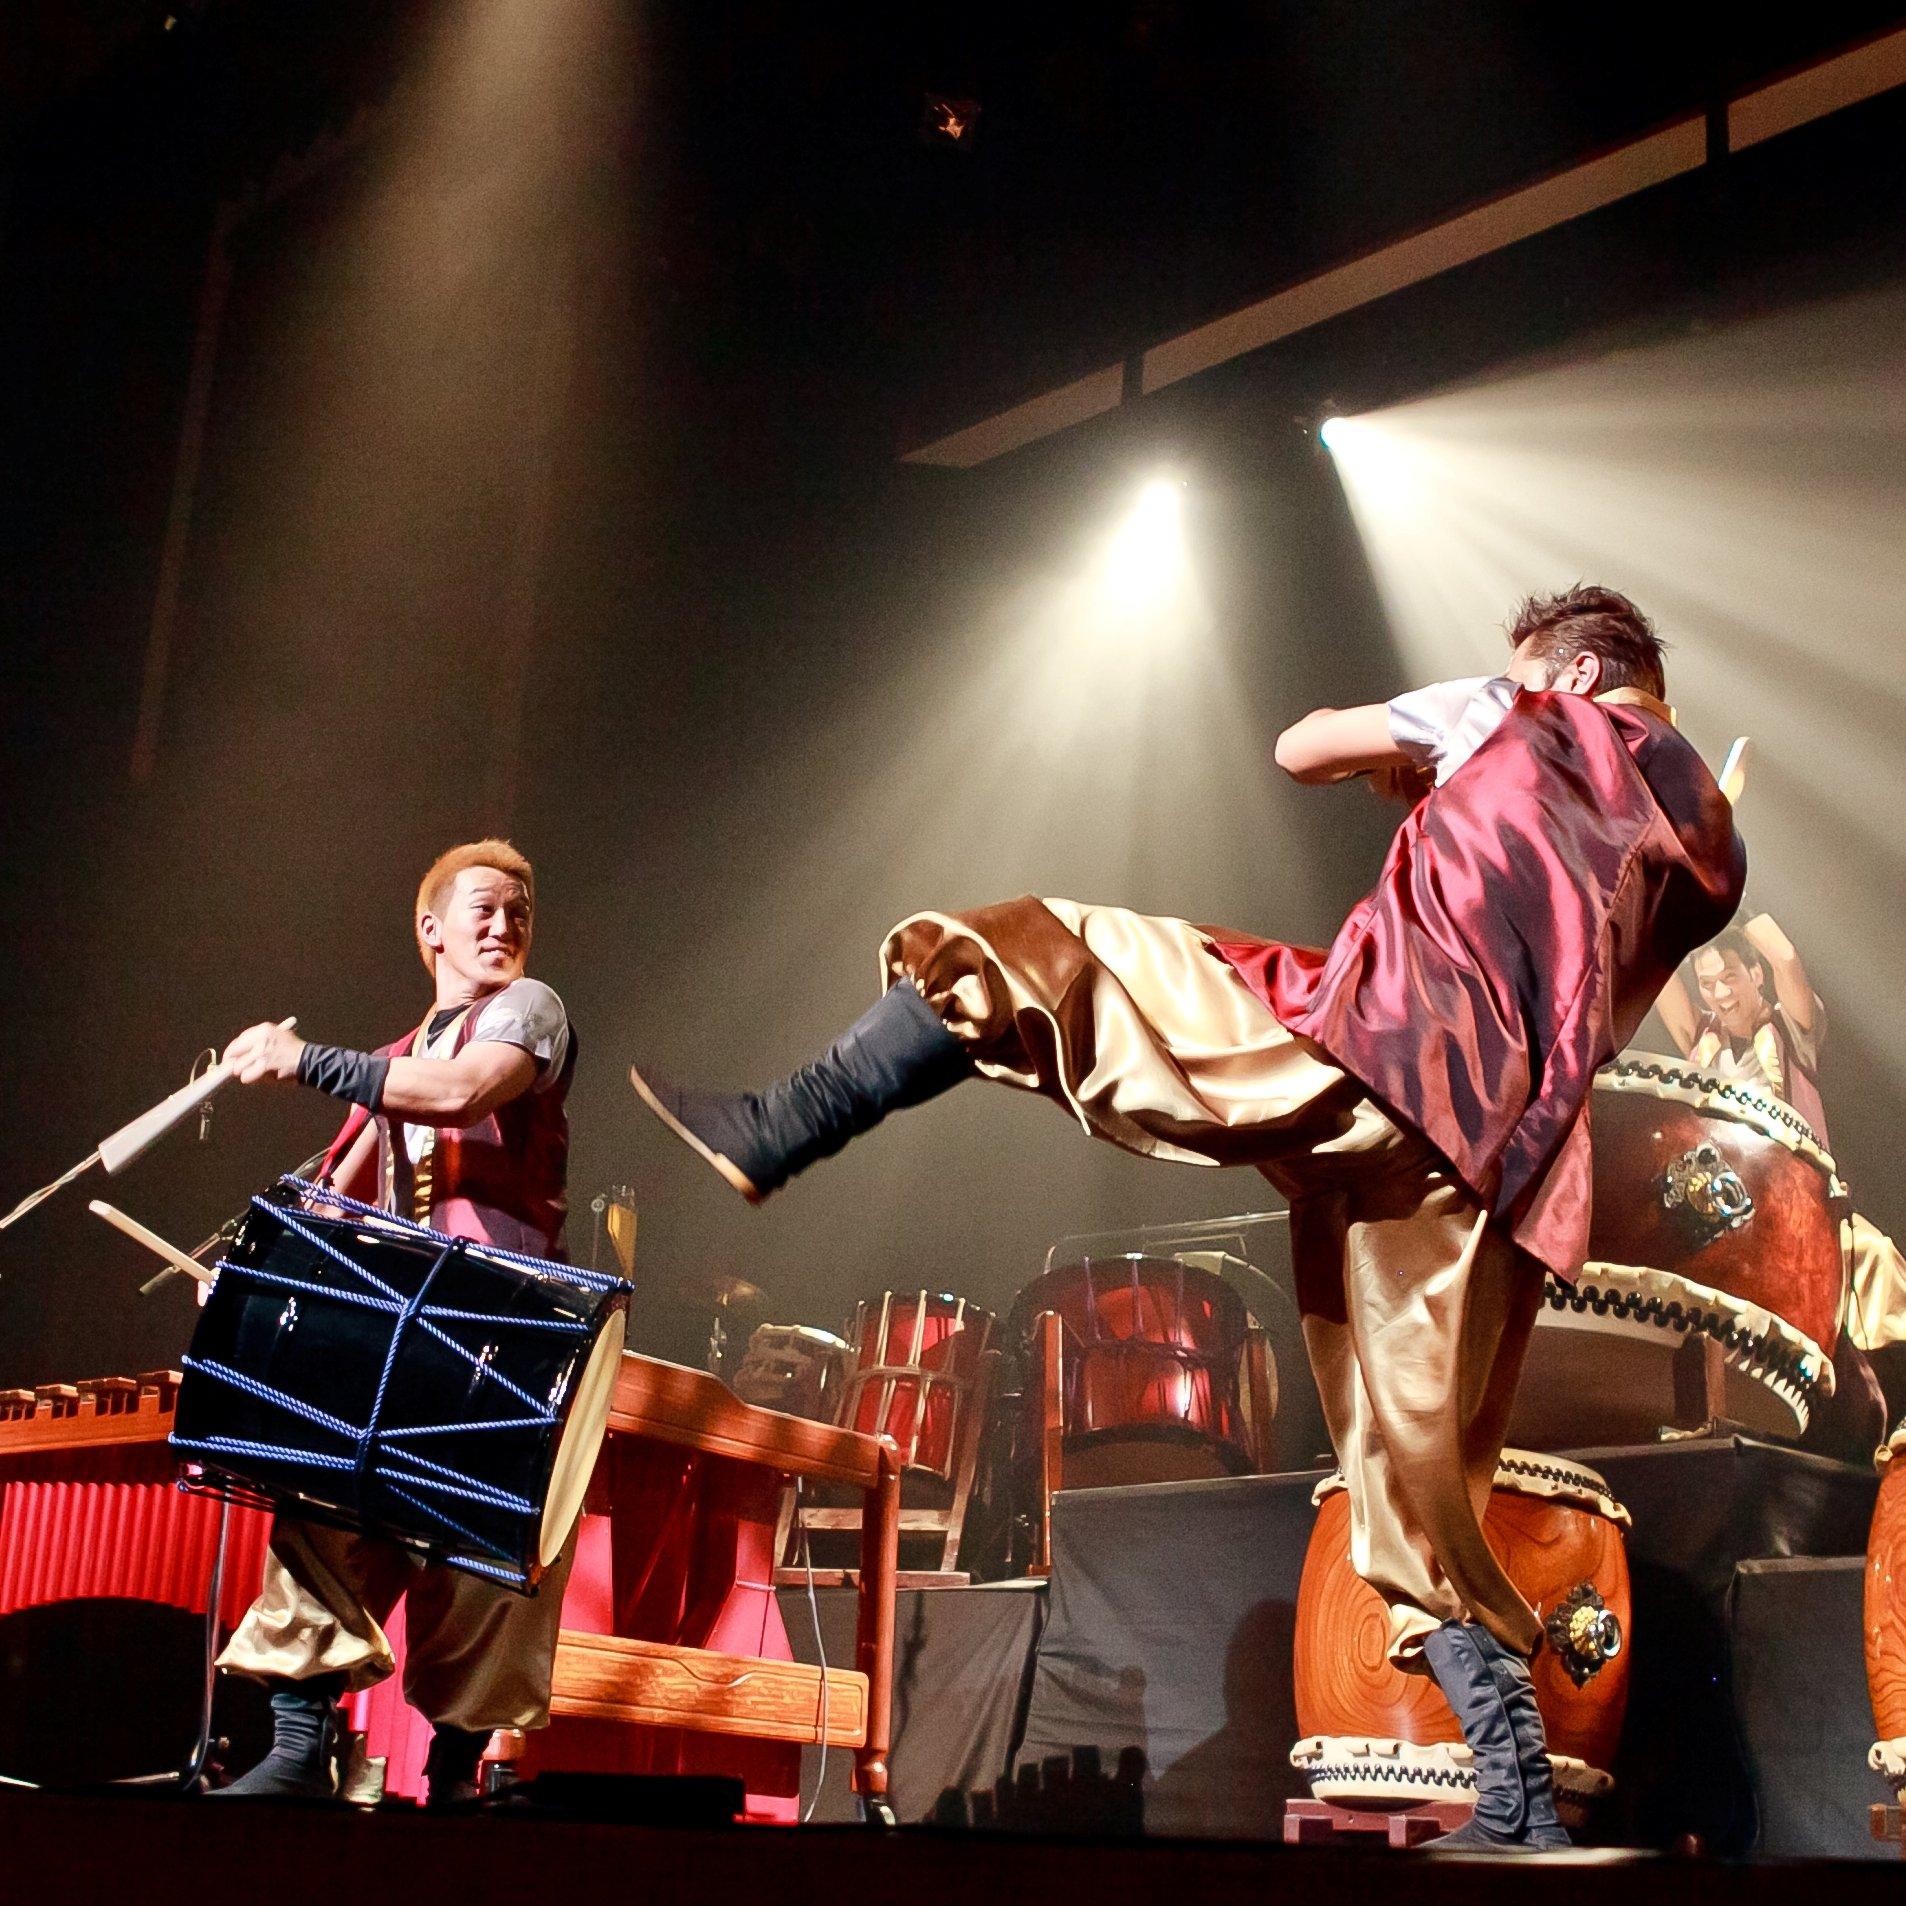 GONNA(ガナ)|和太鼓とマリンバのアンサンブル